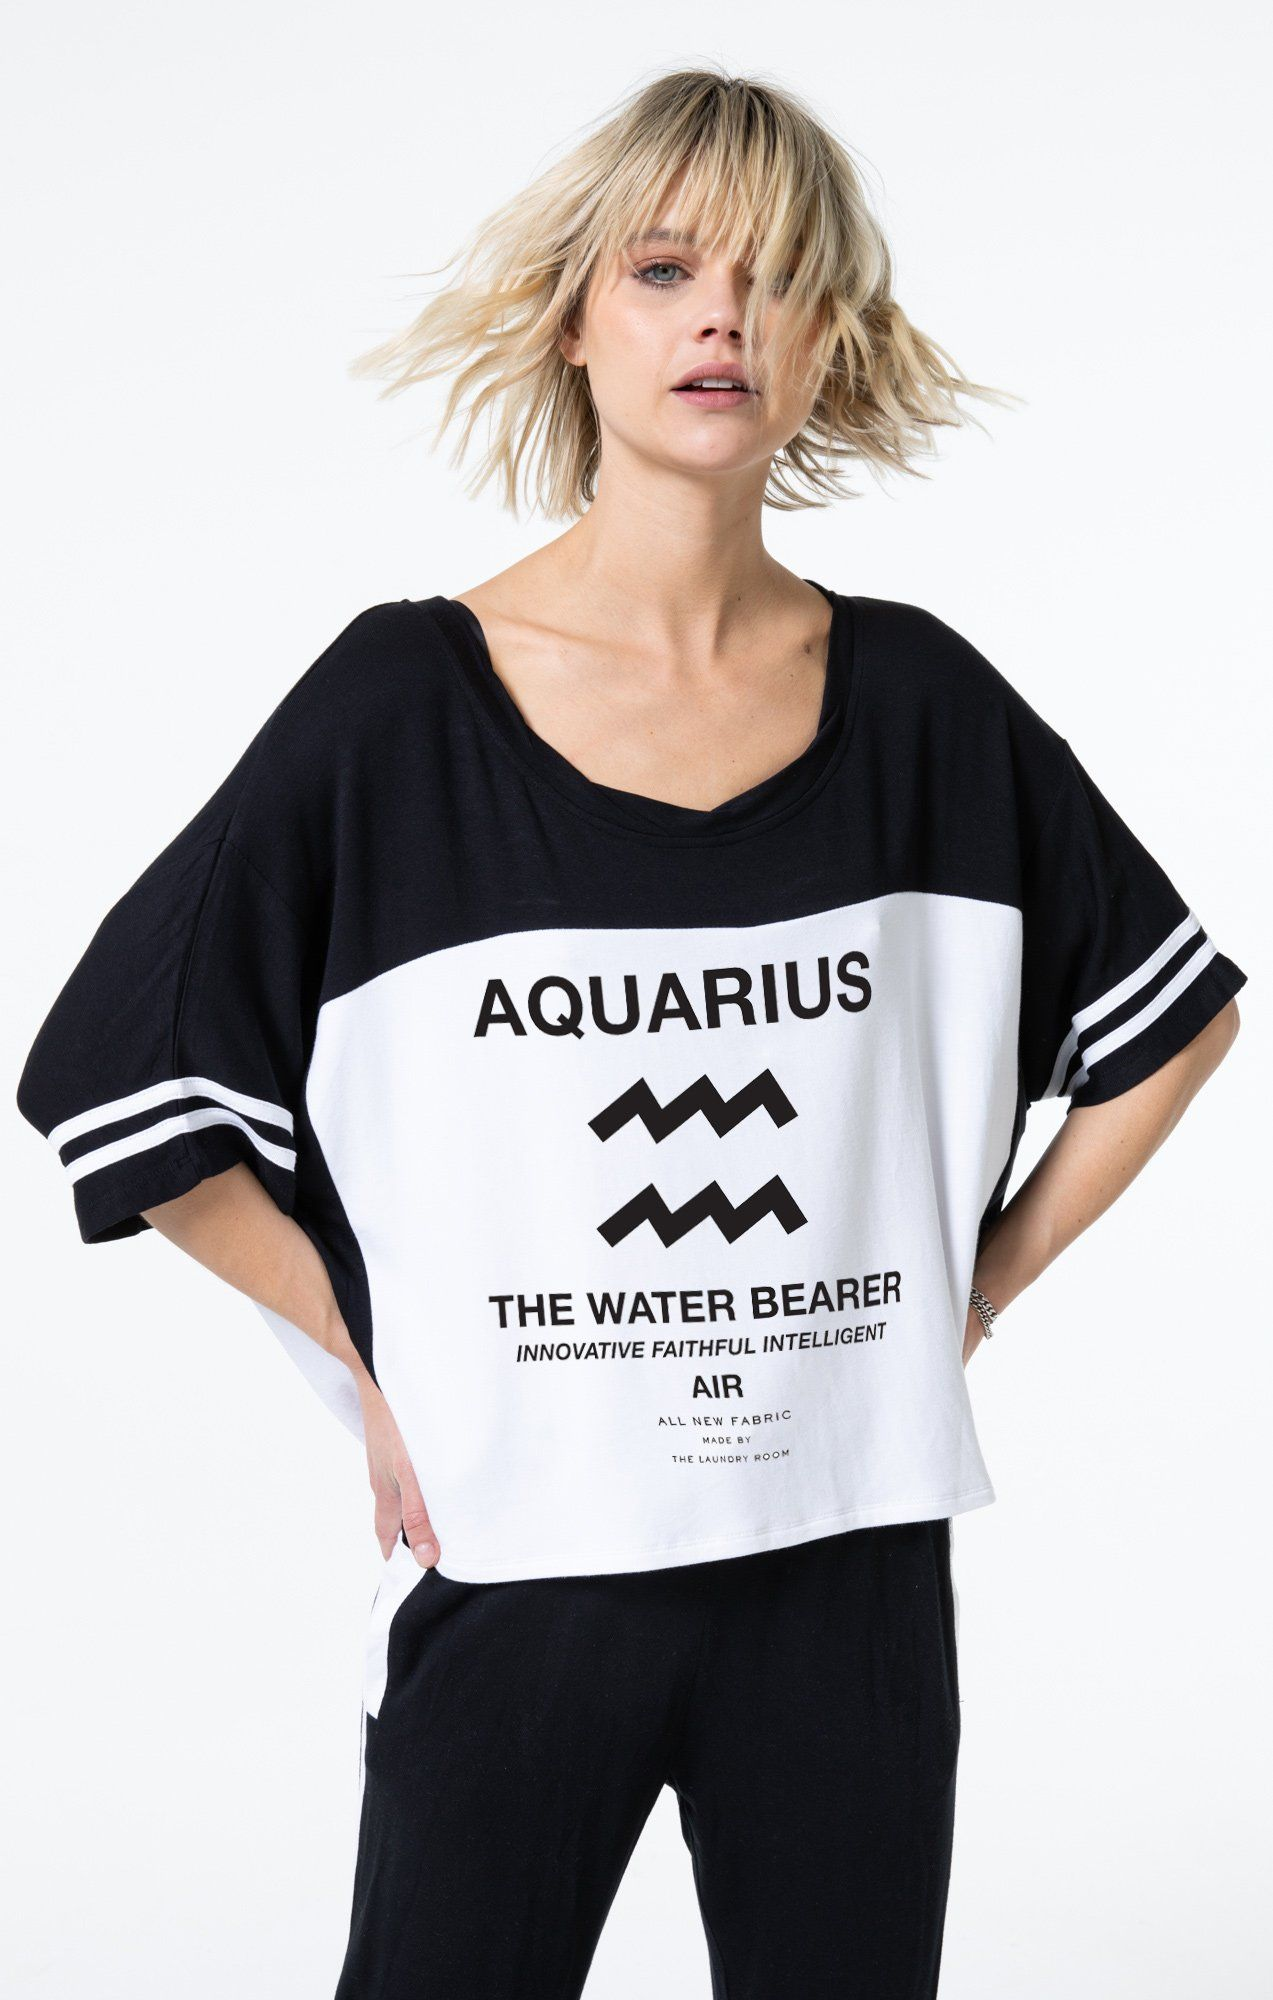 Team Aquarius Baggy Team Tee In 2019 Tees Fashion T